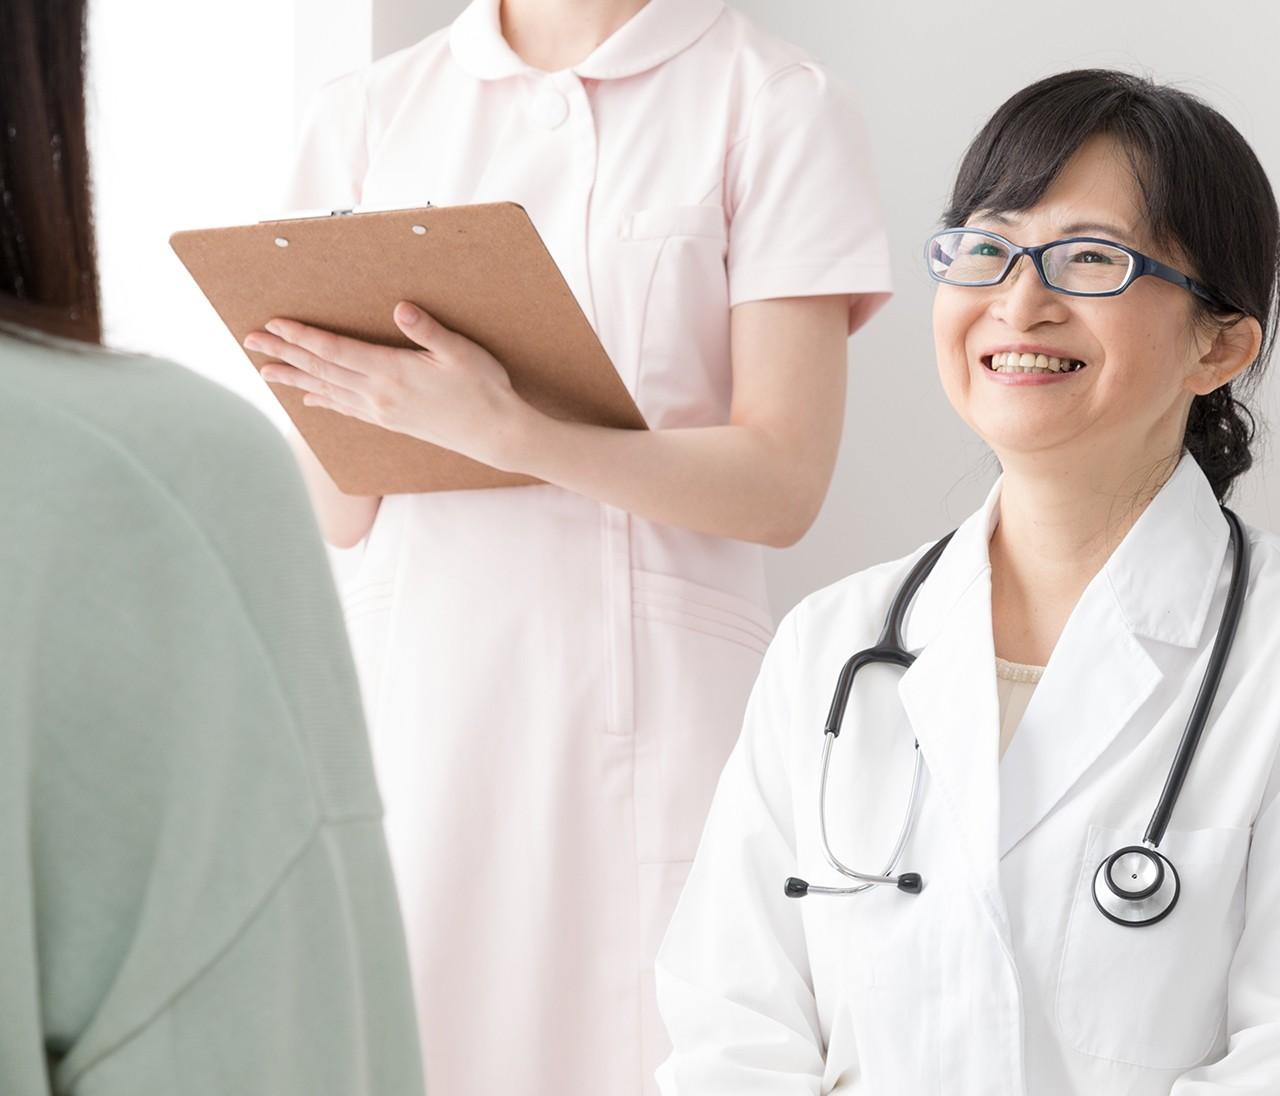 【女性のカラダ大百科】30代女性が気をつけたい<子宮頸がん>に関するQ&A